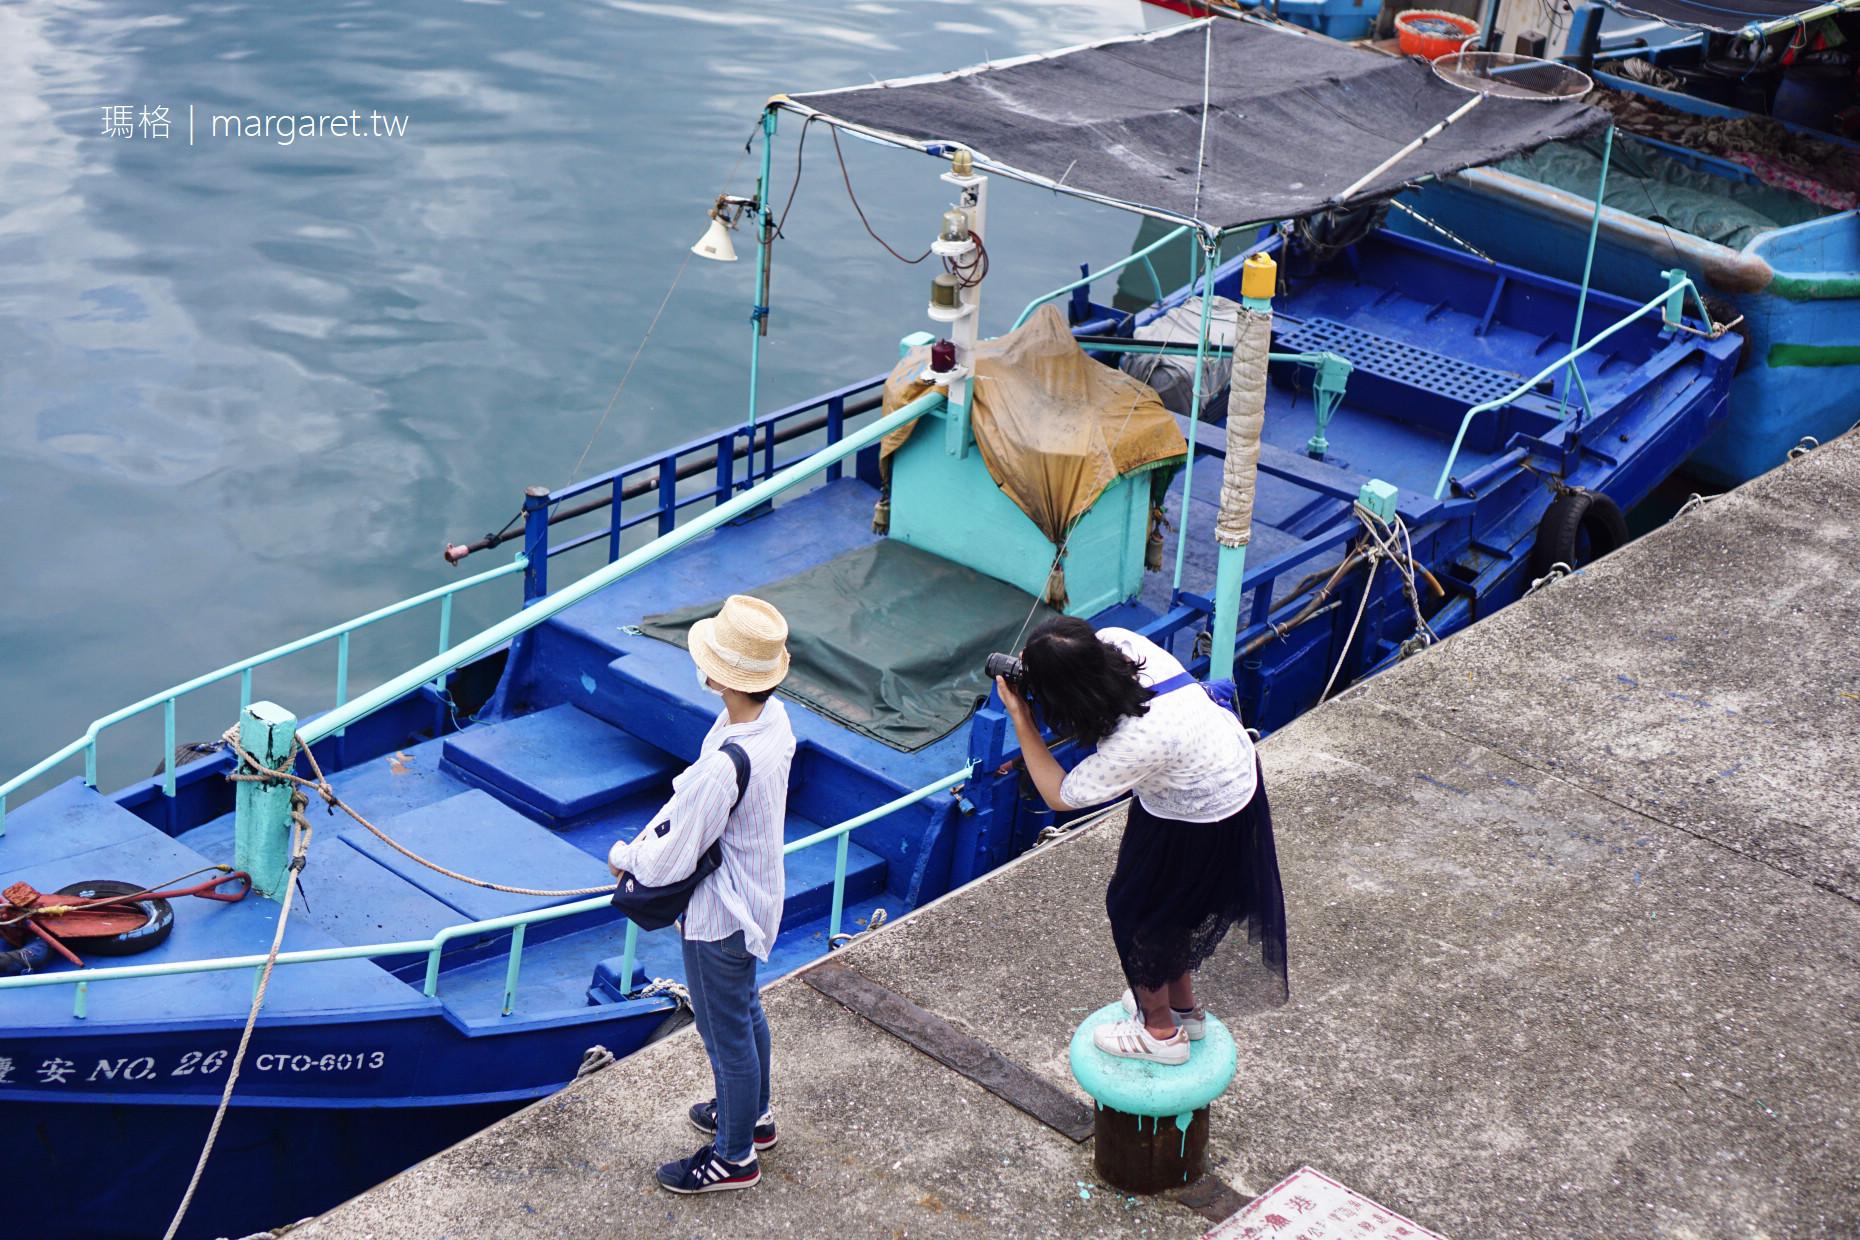 正濱漁港彩虹屋。基隆打卡熱點|拍照角度與大眾運輸建議